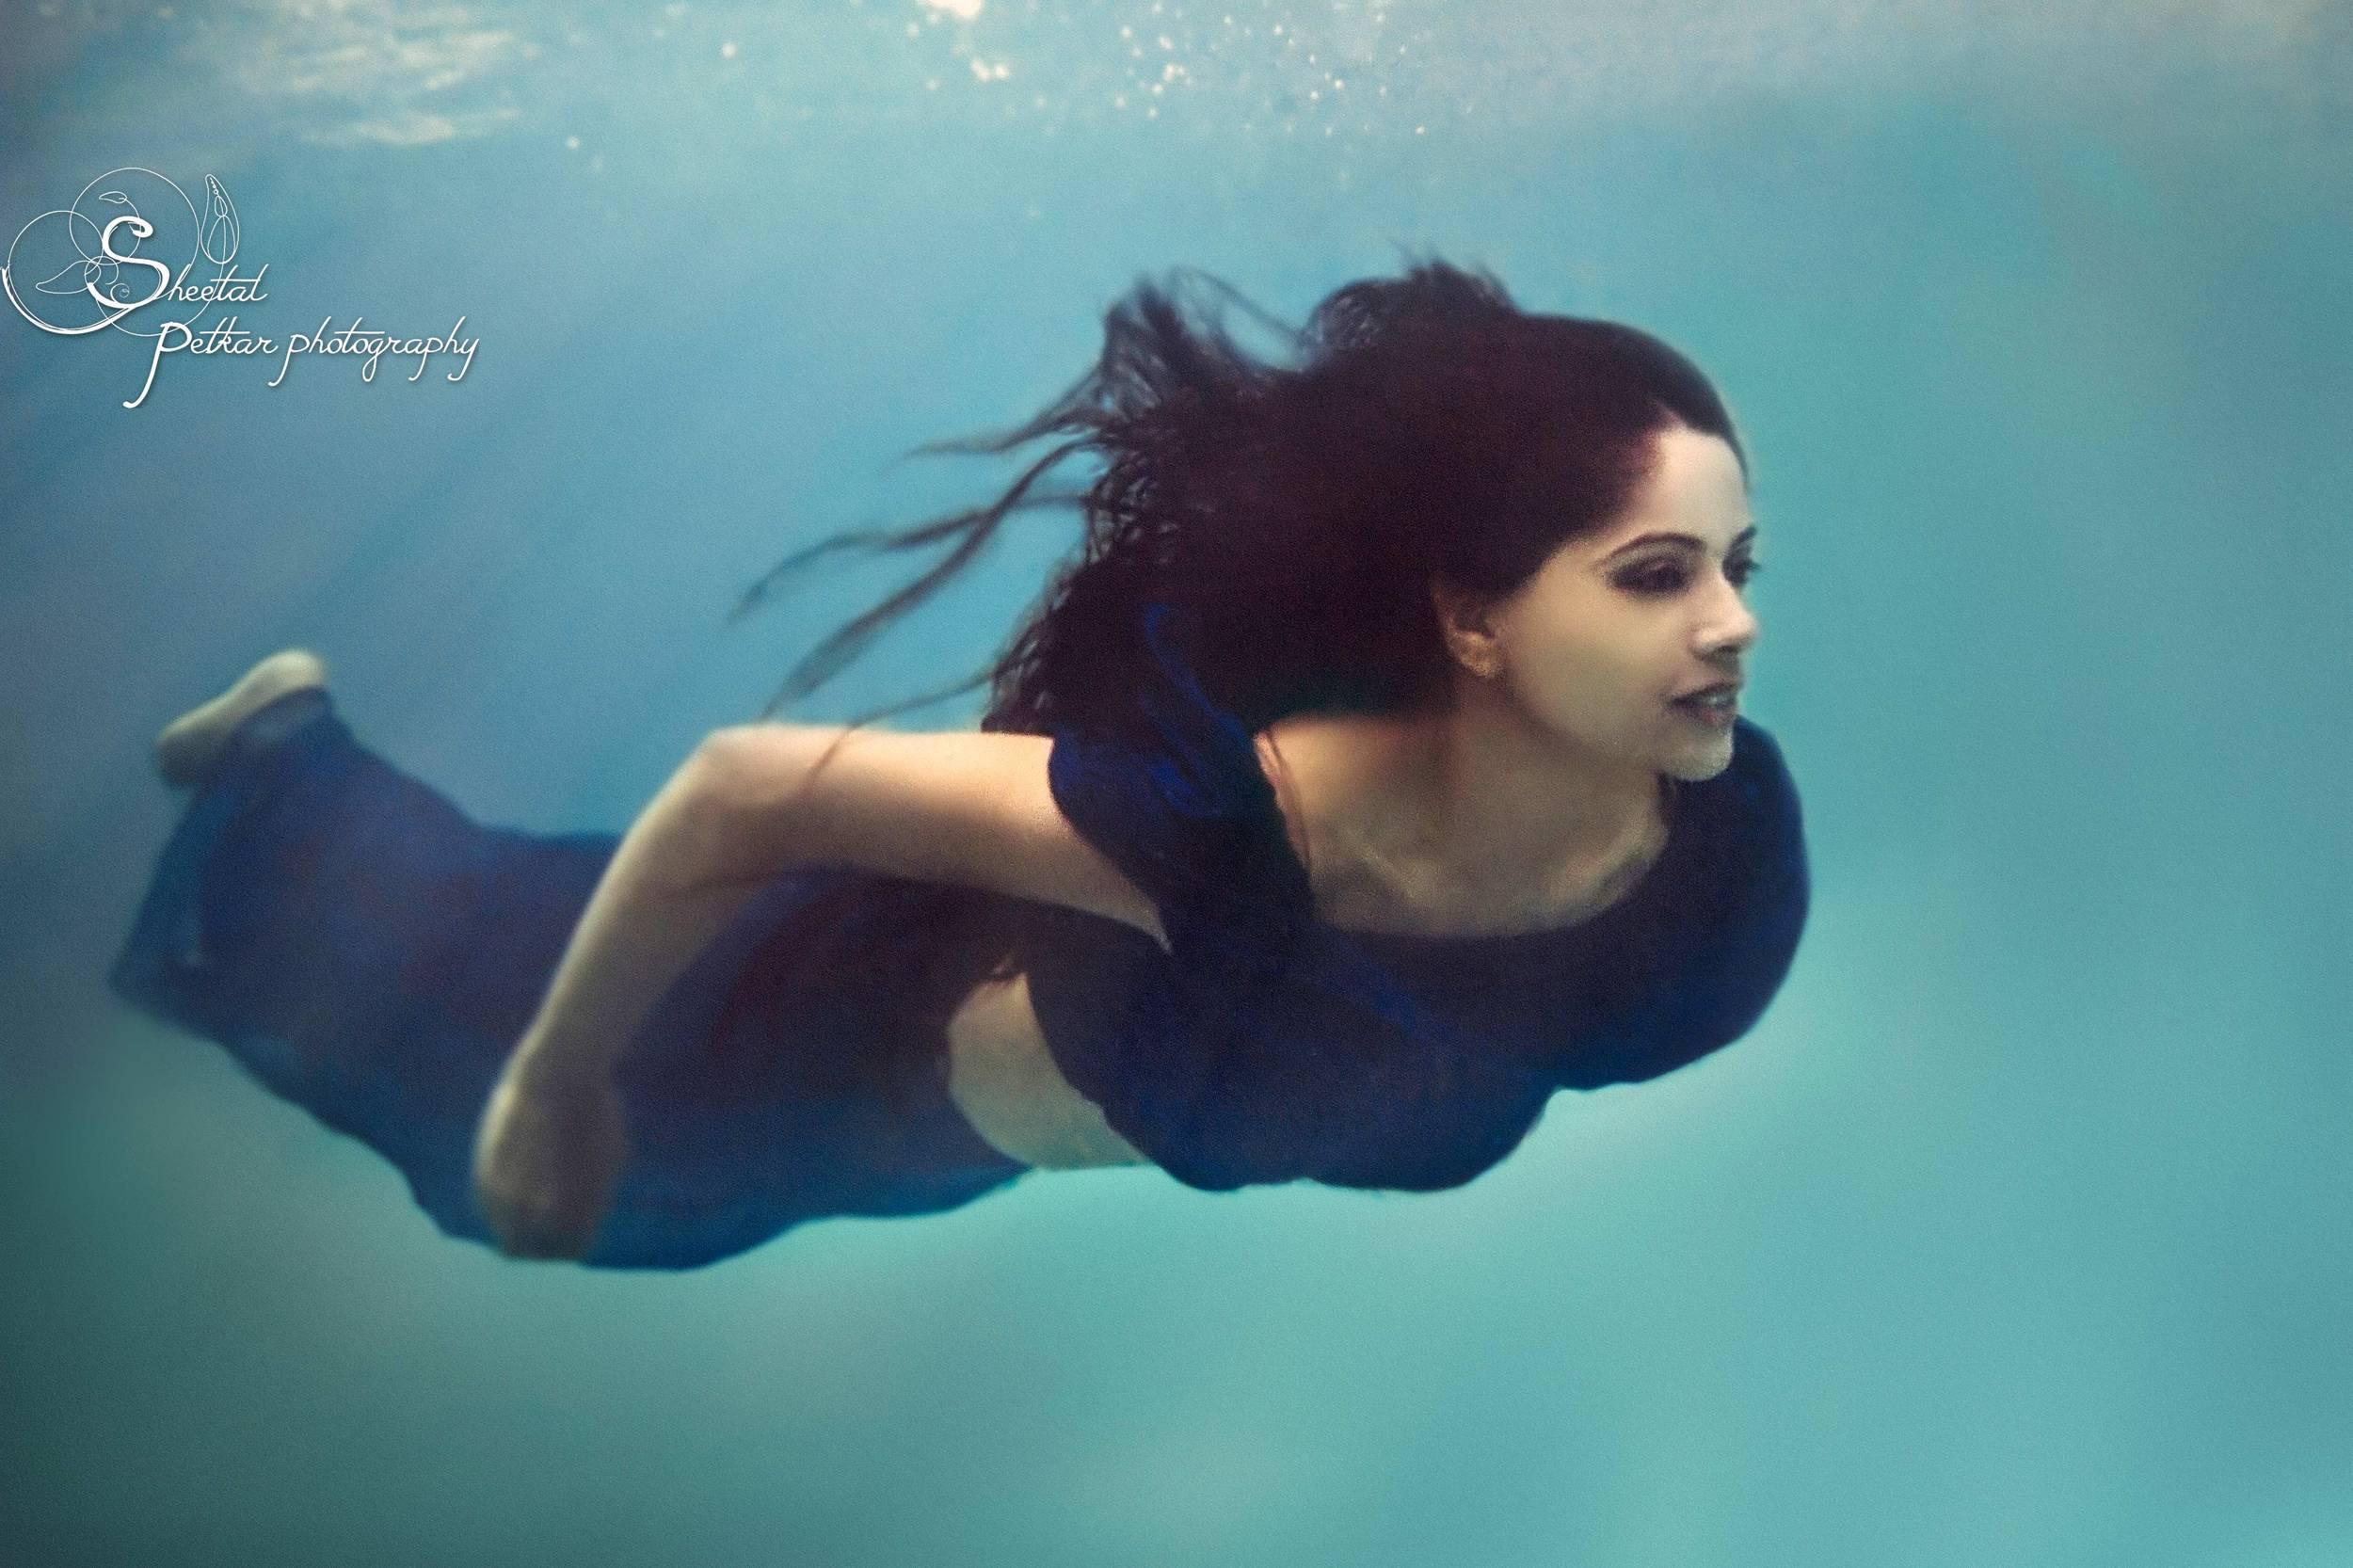 surreal_girl_in_blue_underwater.jpg